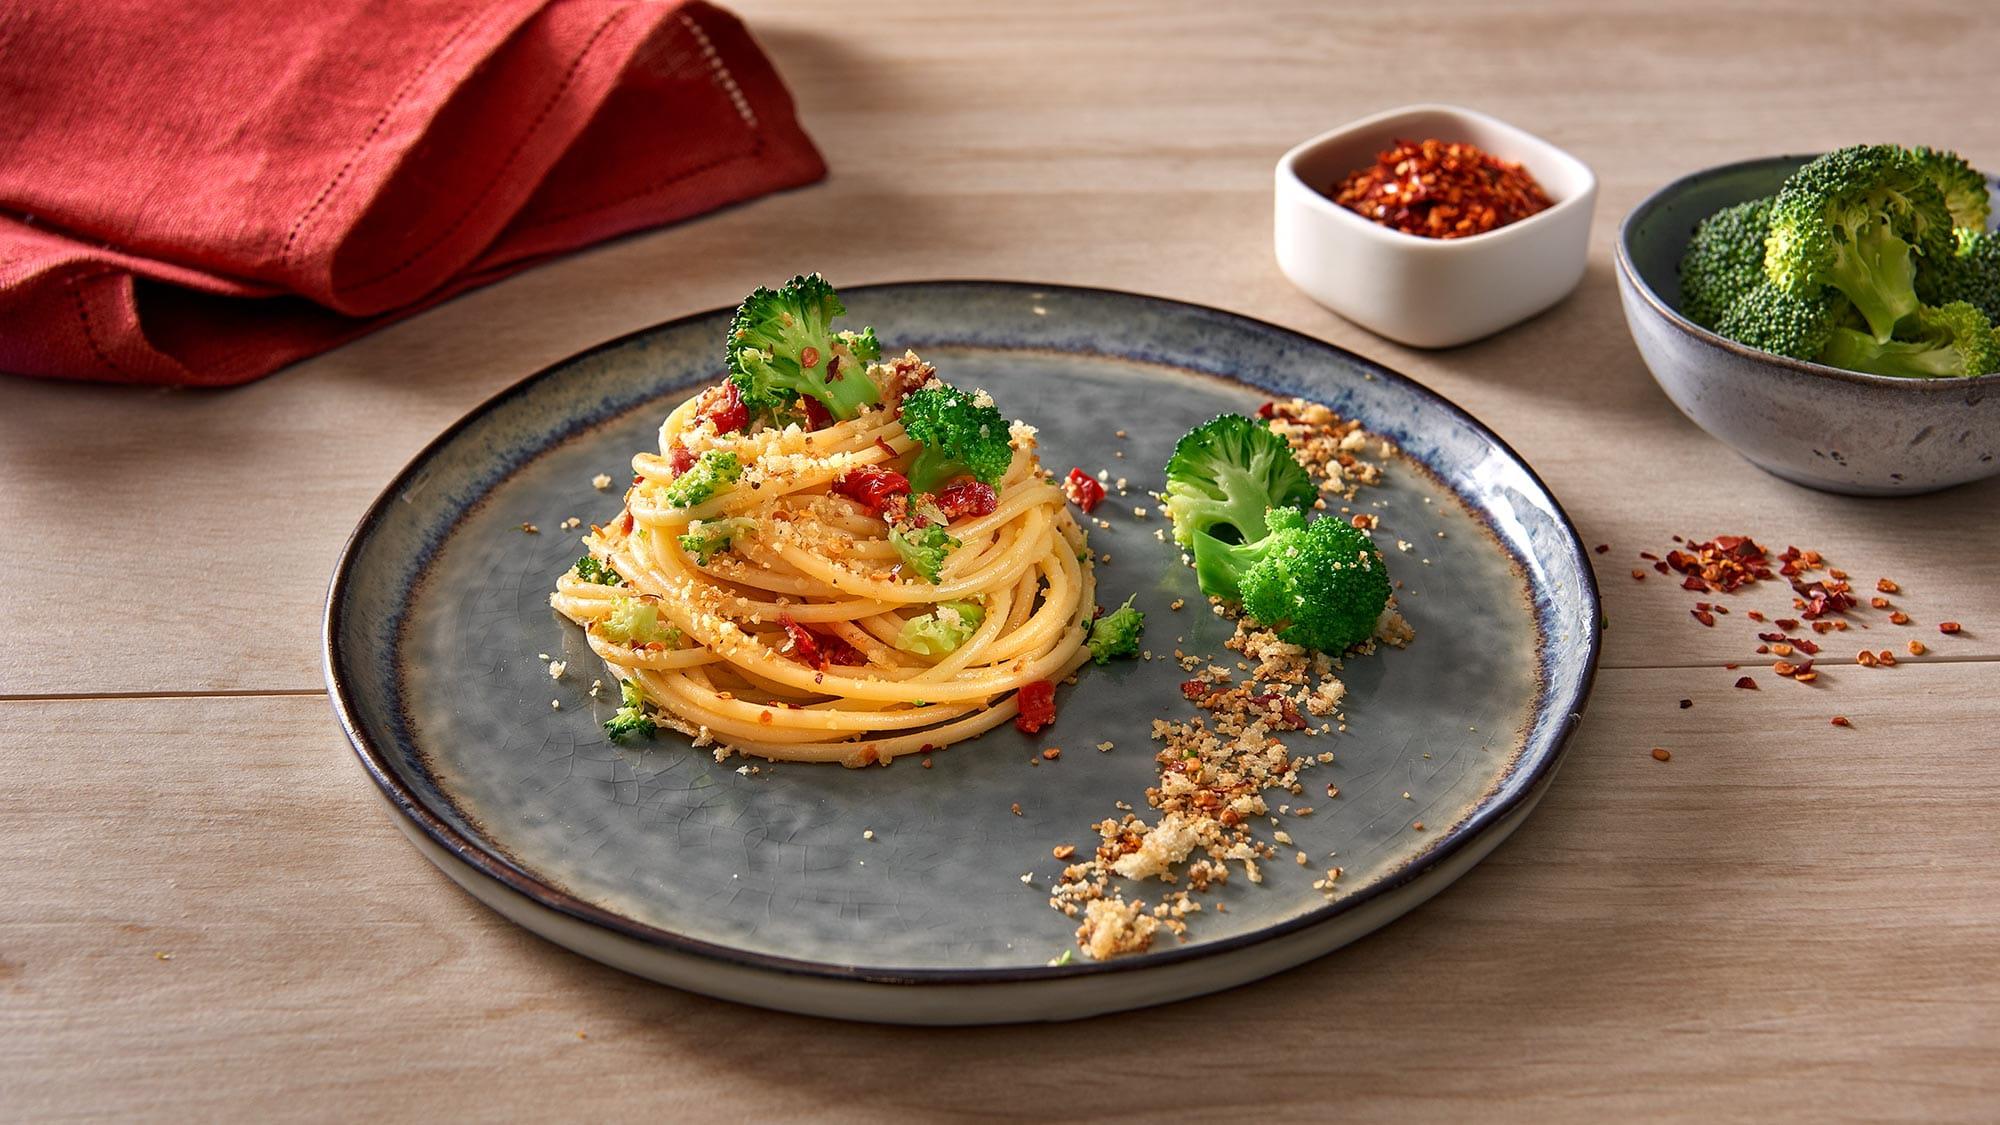 spaghettoni_con_pomodori_secchi_broccoli_peperoncino_extra_piccate_e_pane_croccante_2000